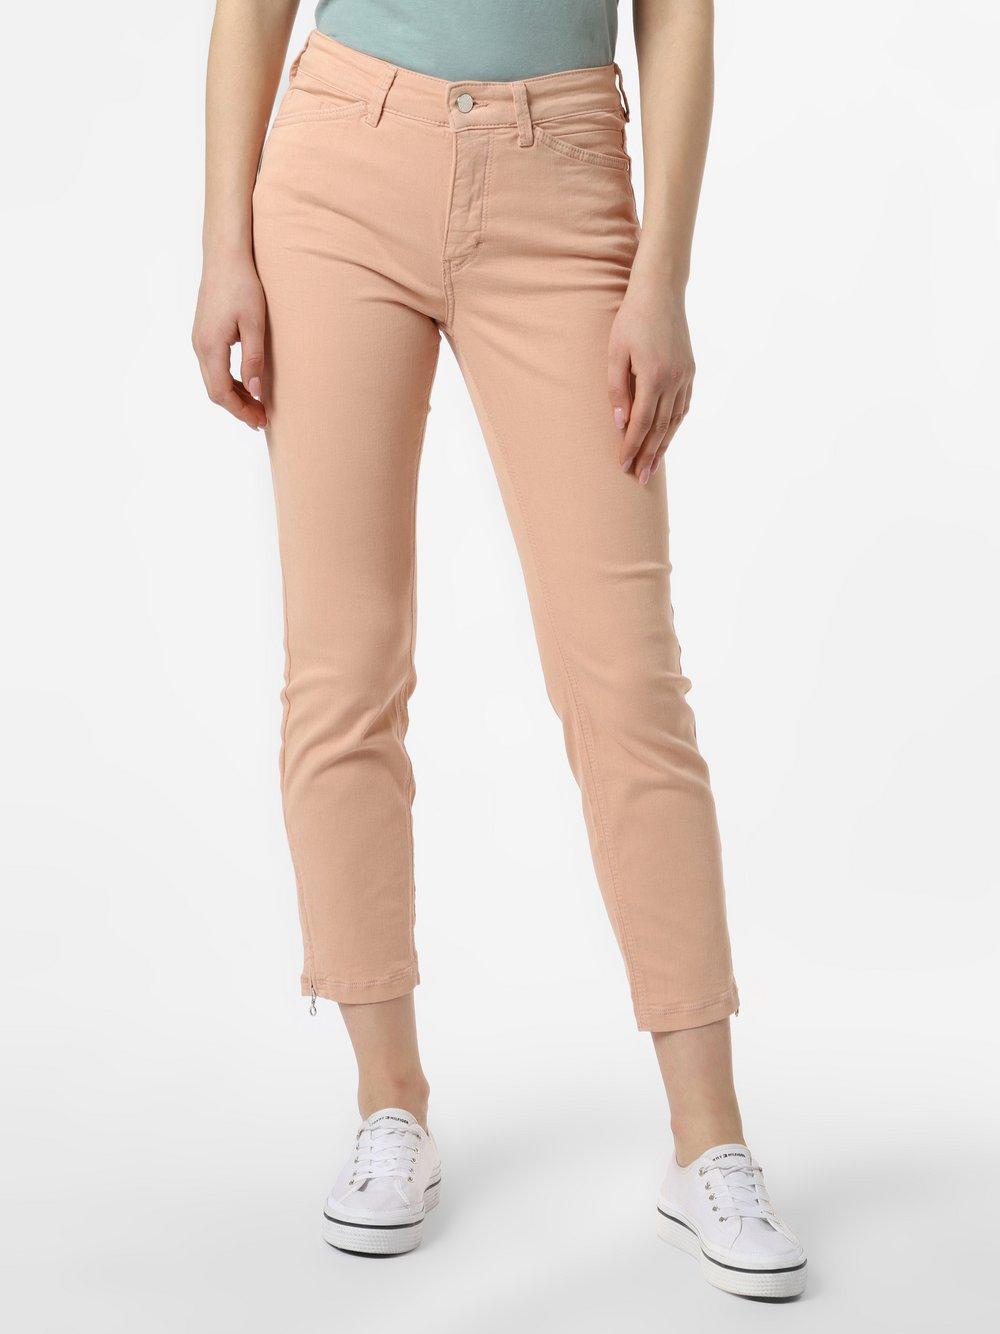 MAC - Spodnie damskie – Dream Chic, pomarańczowy